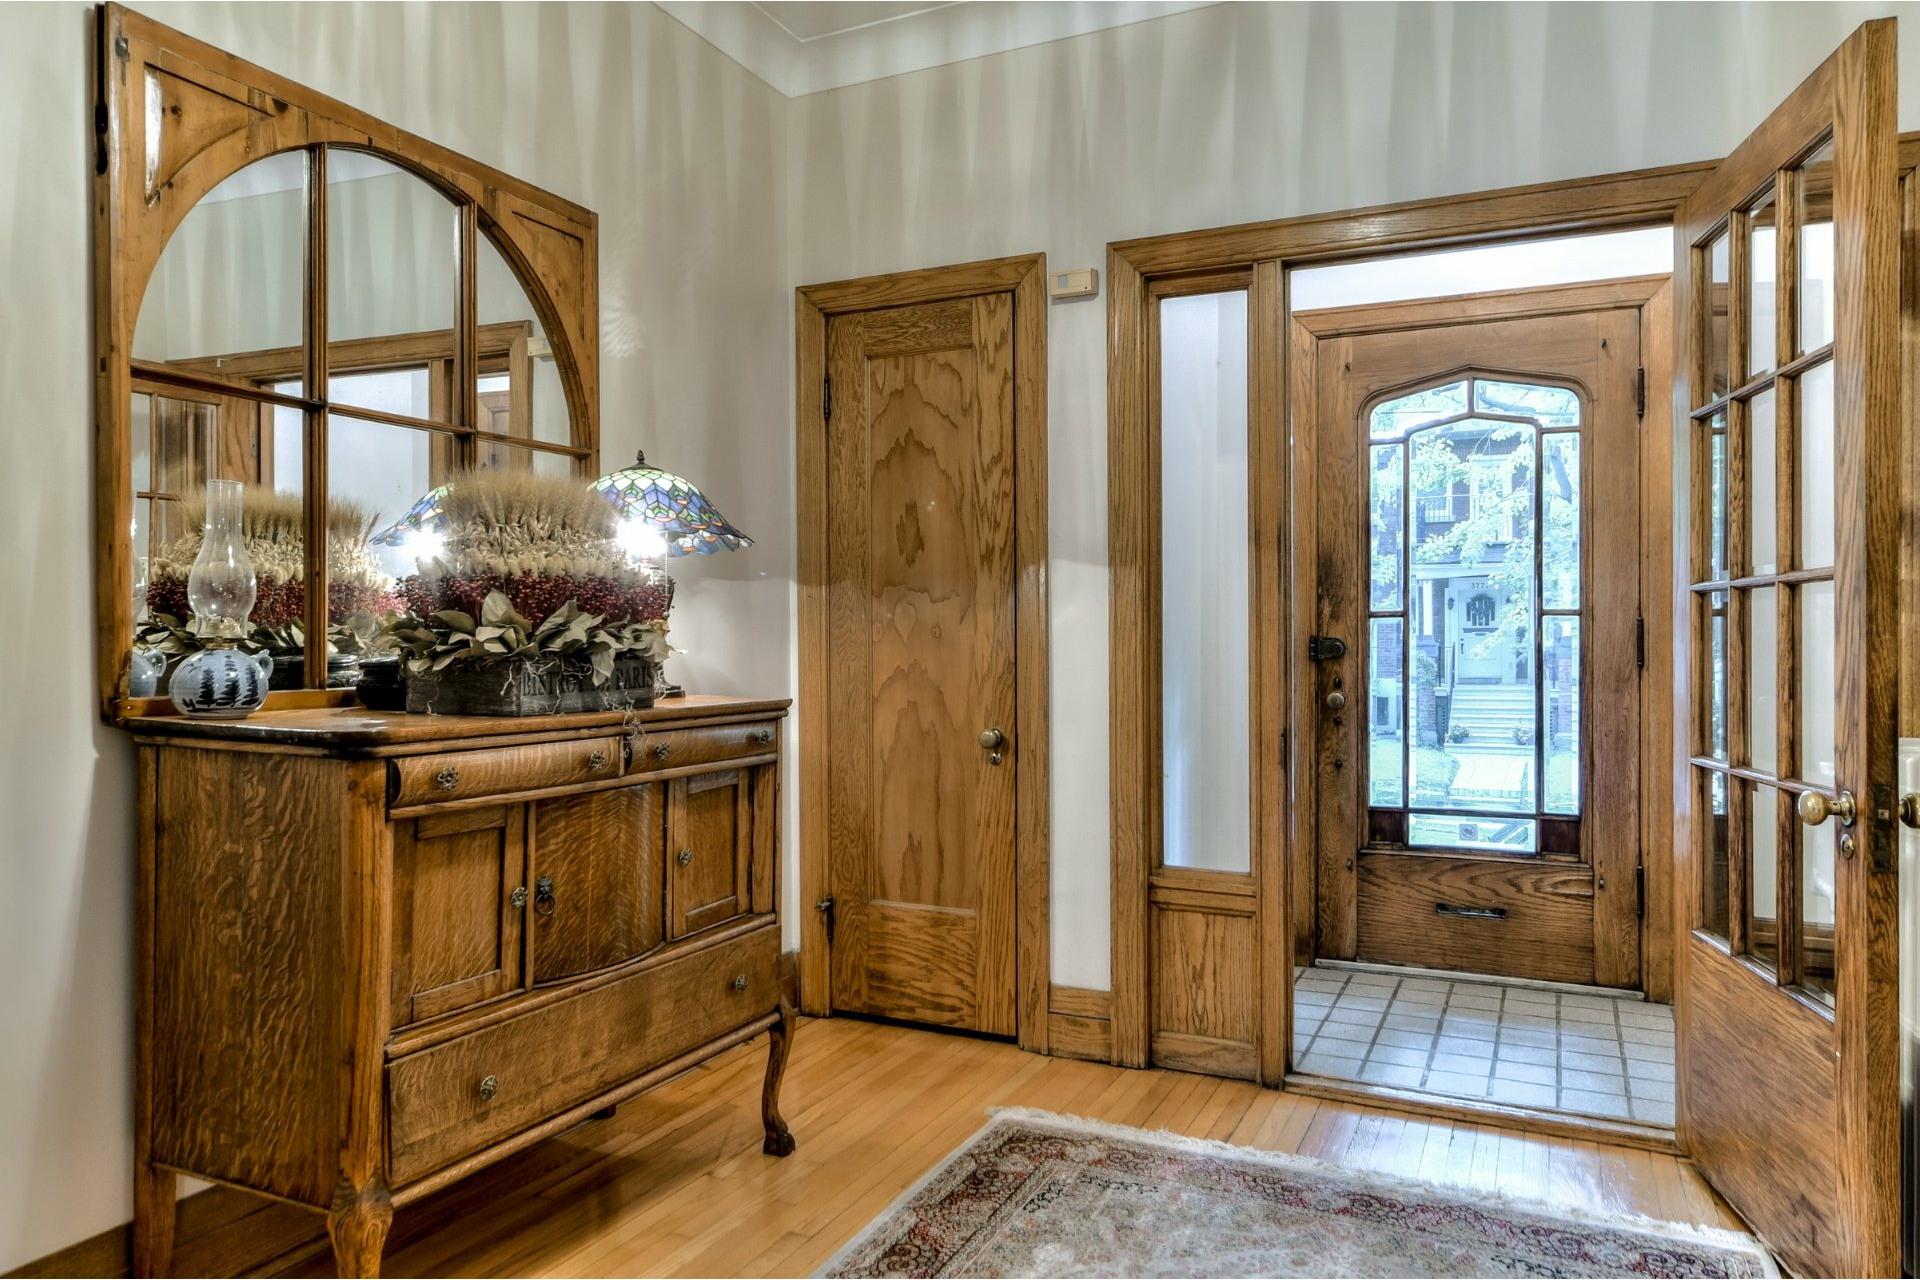 image 3 - Maison À vendre Côte-des-Neiges/Notre-Dame-de-Grâce Montréal  - 13 pièces